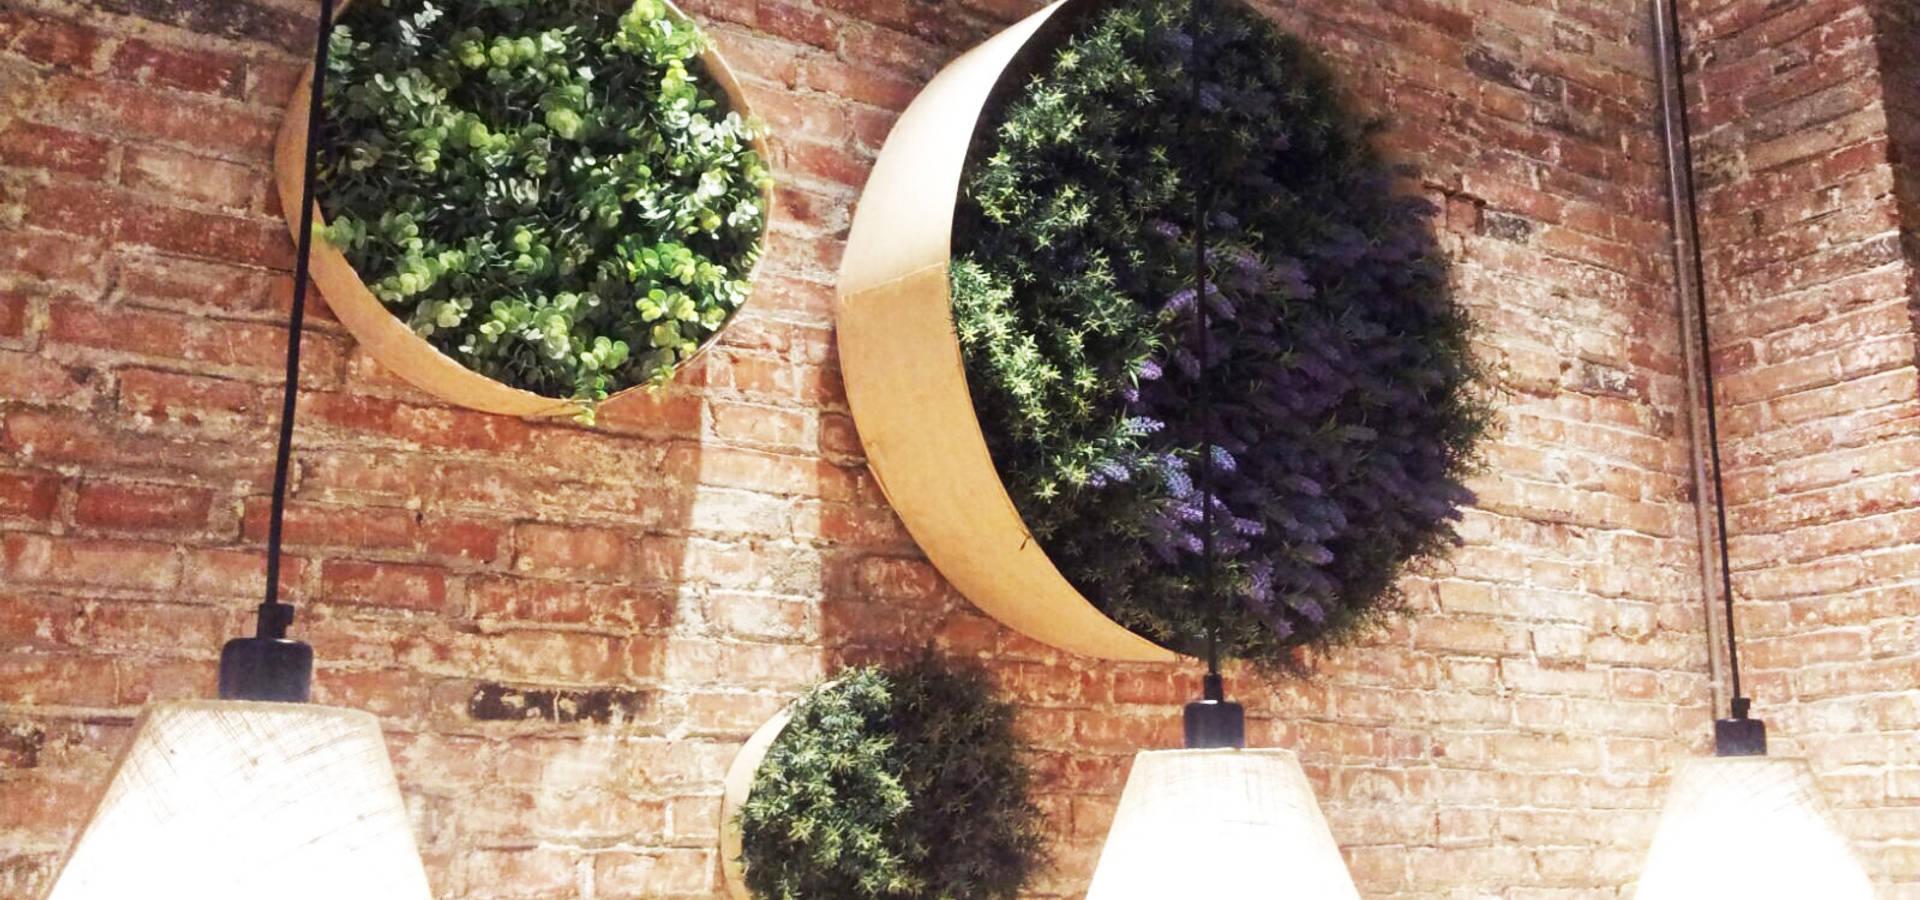 Bossvi decoradores y dise adores de interiores en - Decoradores de interiores barcelona ...